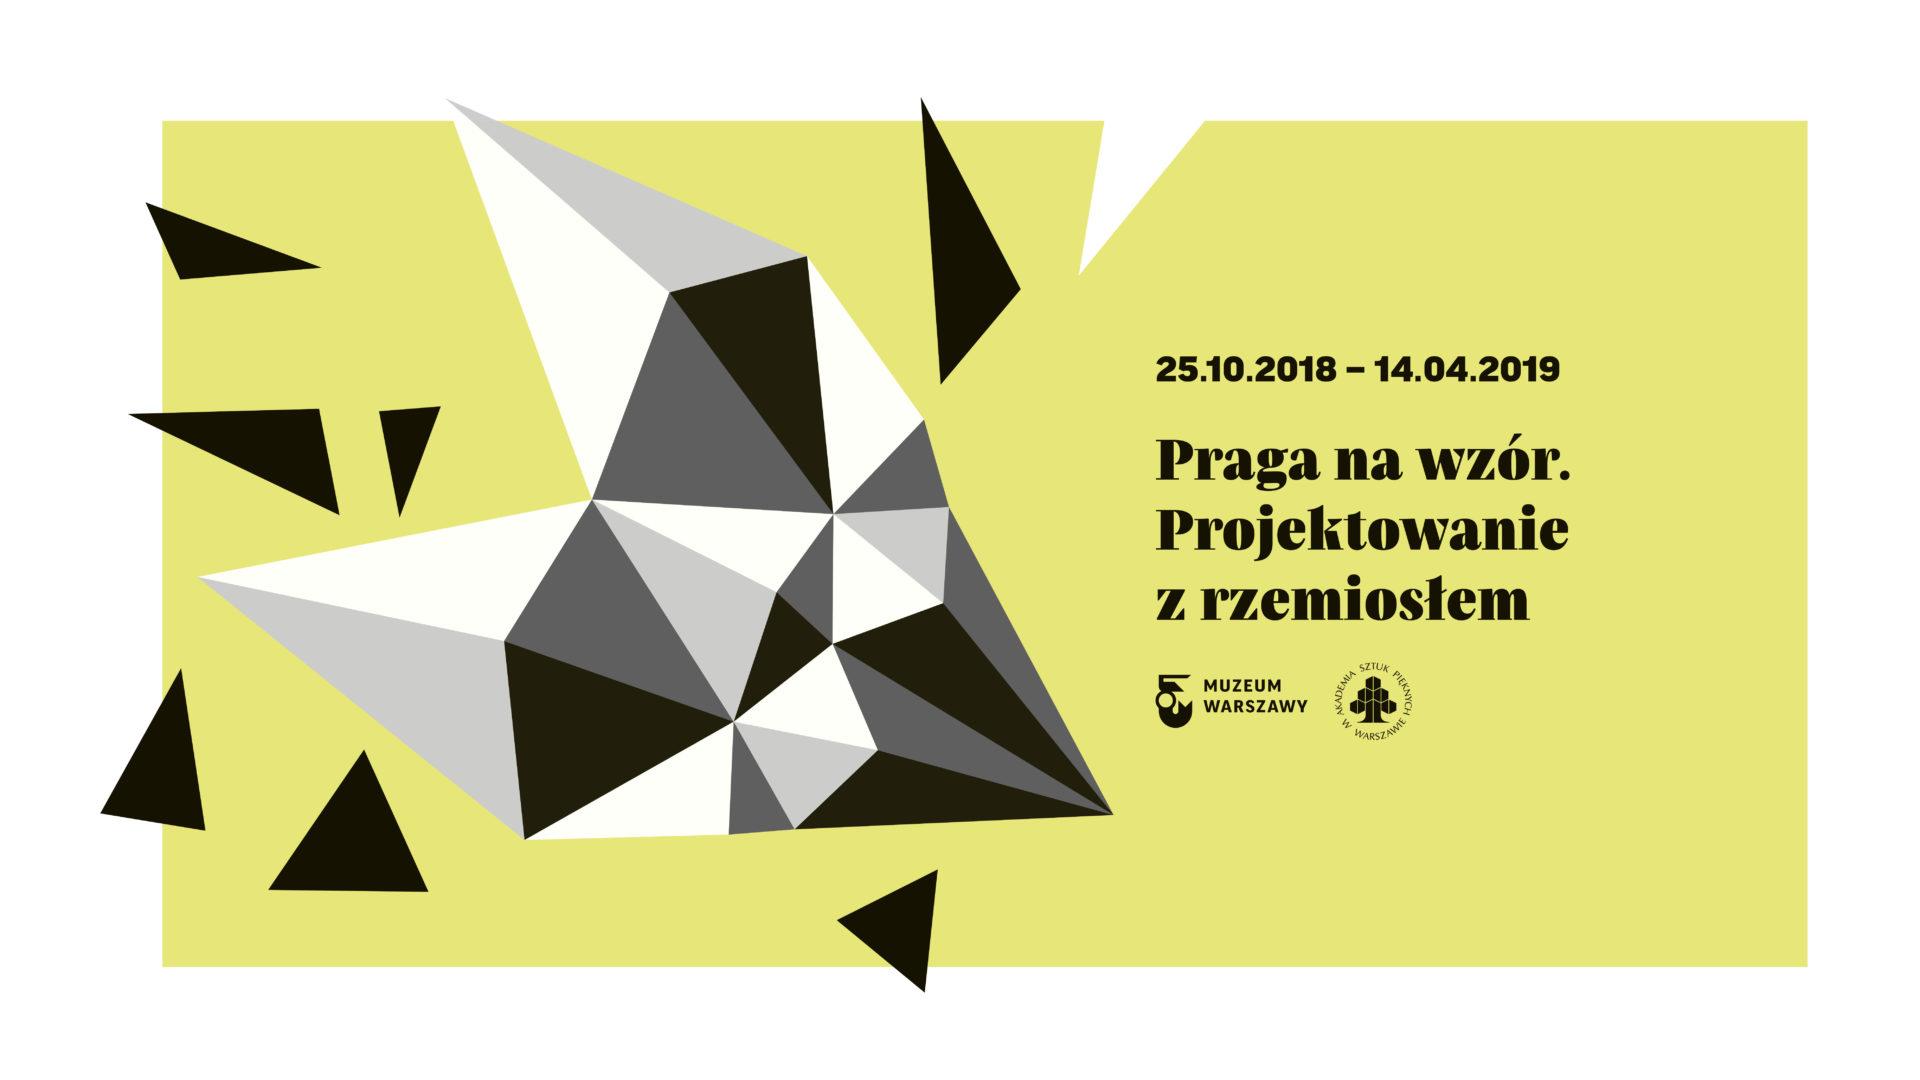 aef312111 Program towarzyszący wystawie Praga na wzór. Projektowanie z rzemiosłem